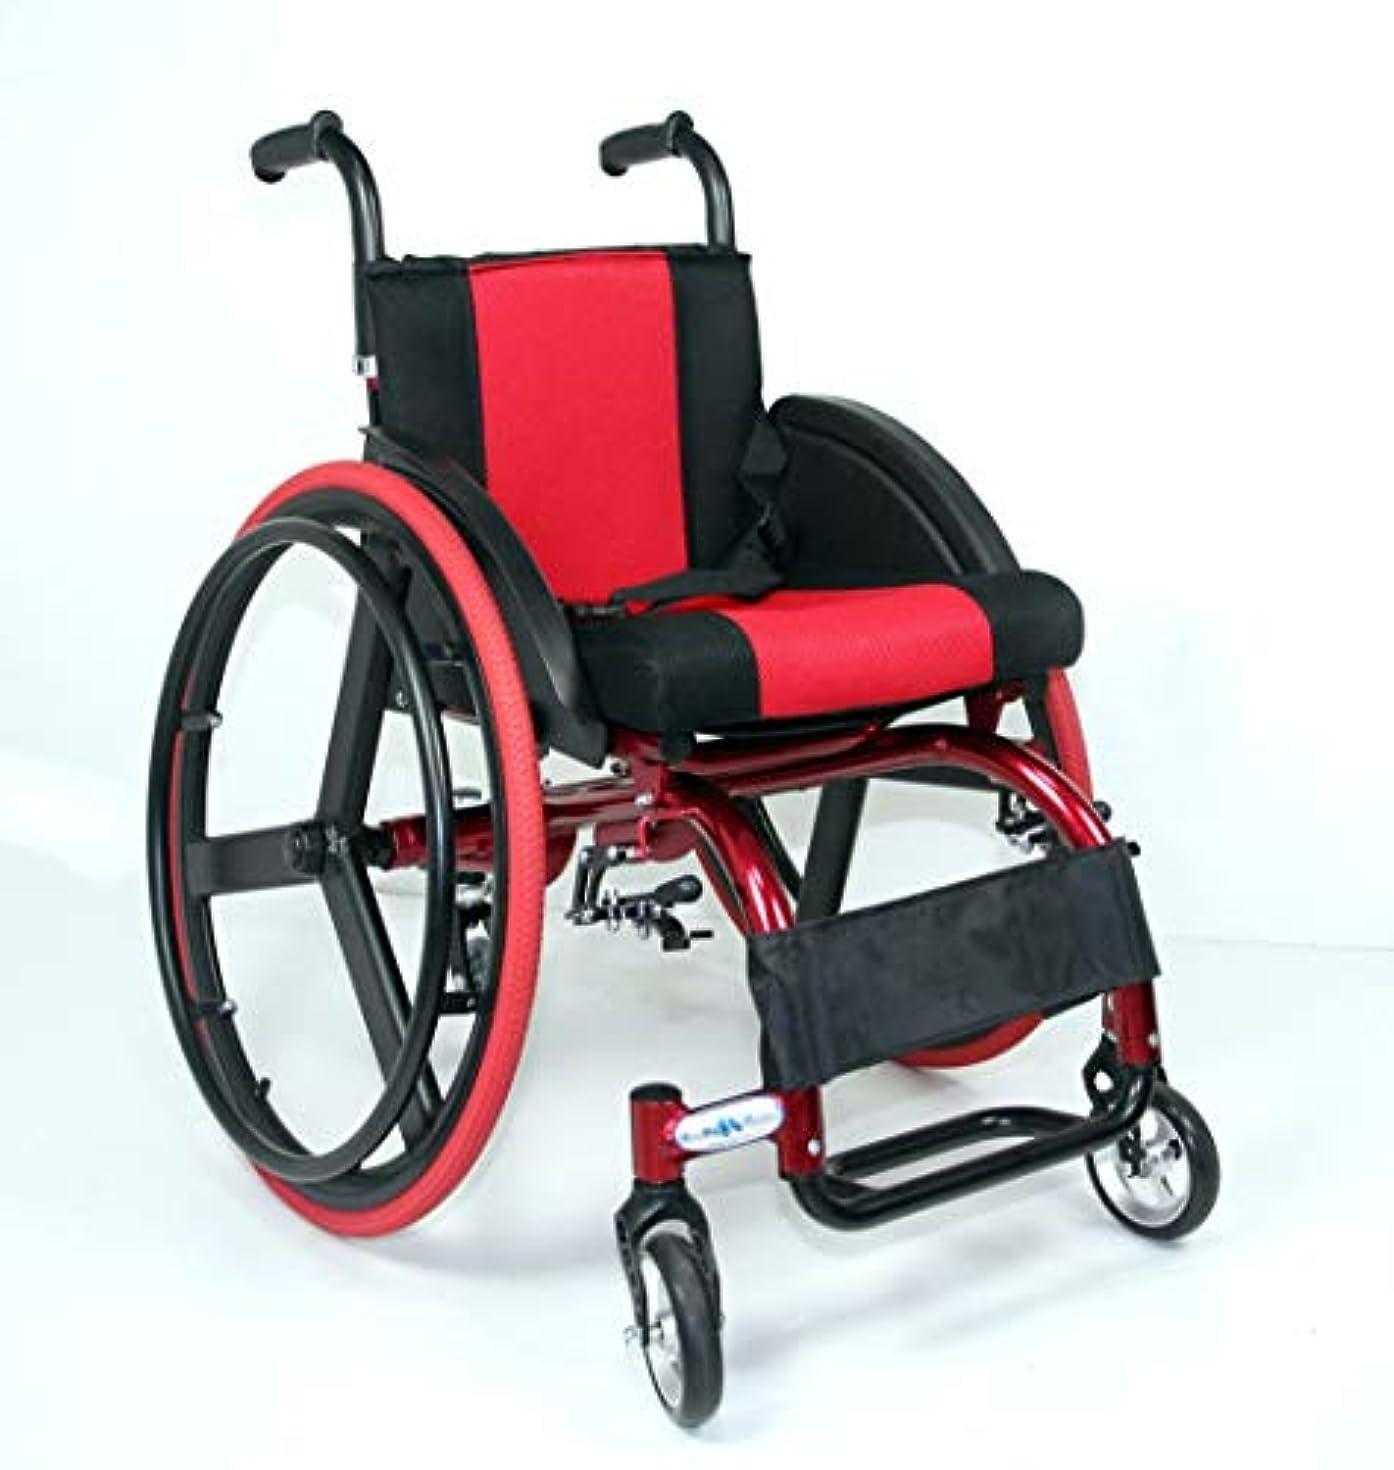 メッシュ普通のボードアルミ合金のクイックリリースの後部車輪の衝撃吸収材のトロリーが付いている余暇の車椅子ライトポータブル、24インチの後部車輪は1つのボタンで取除くことができます